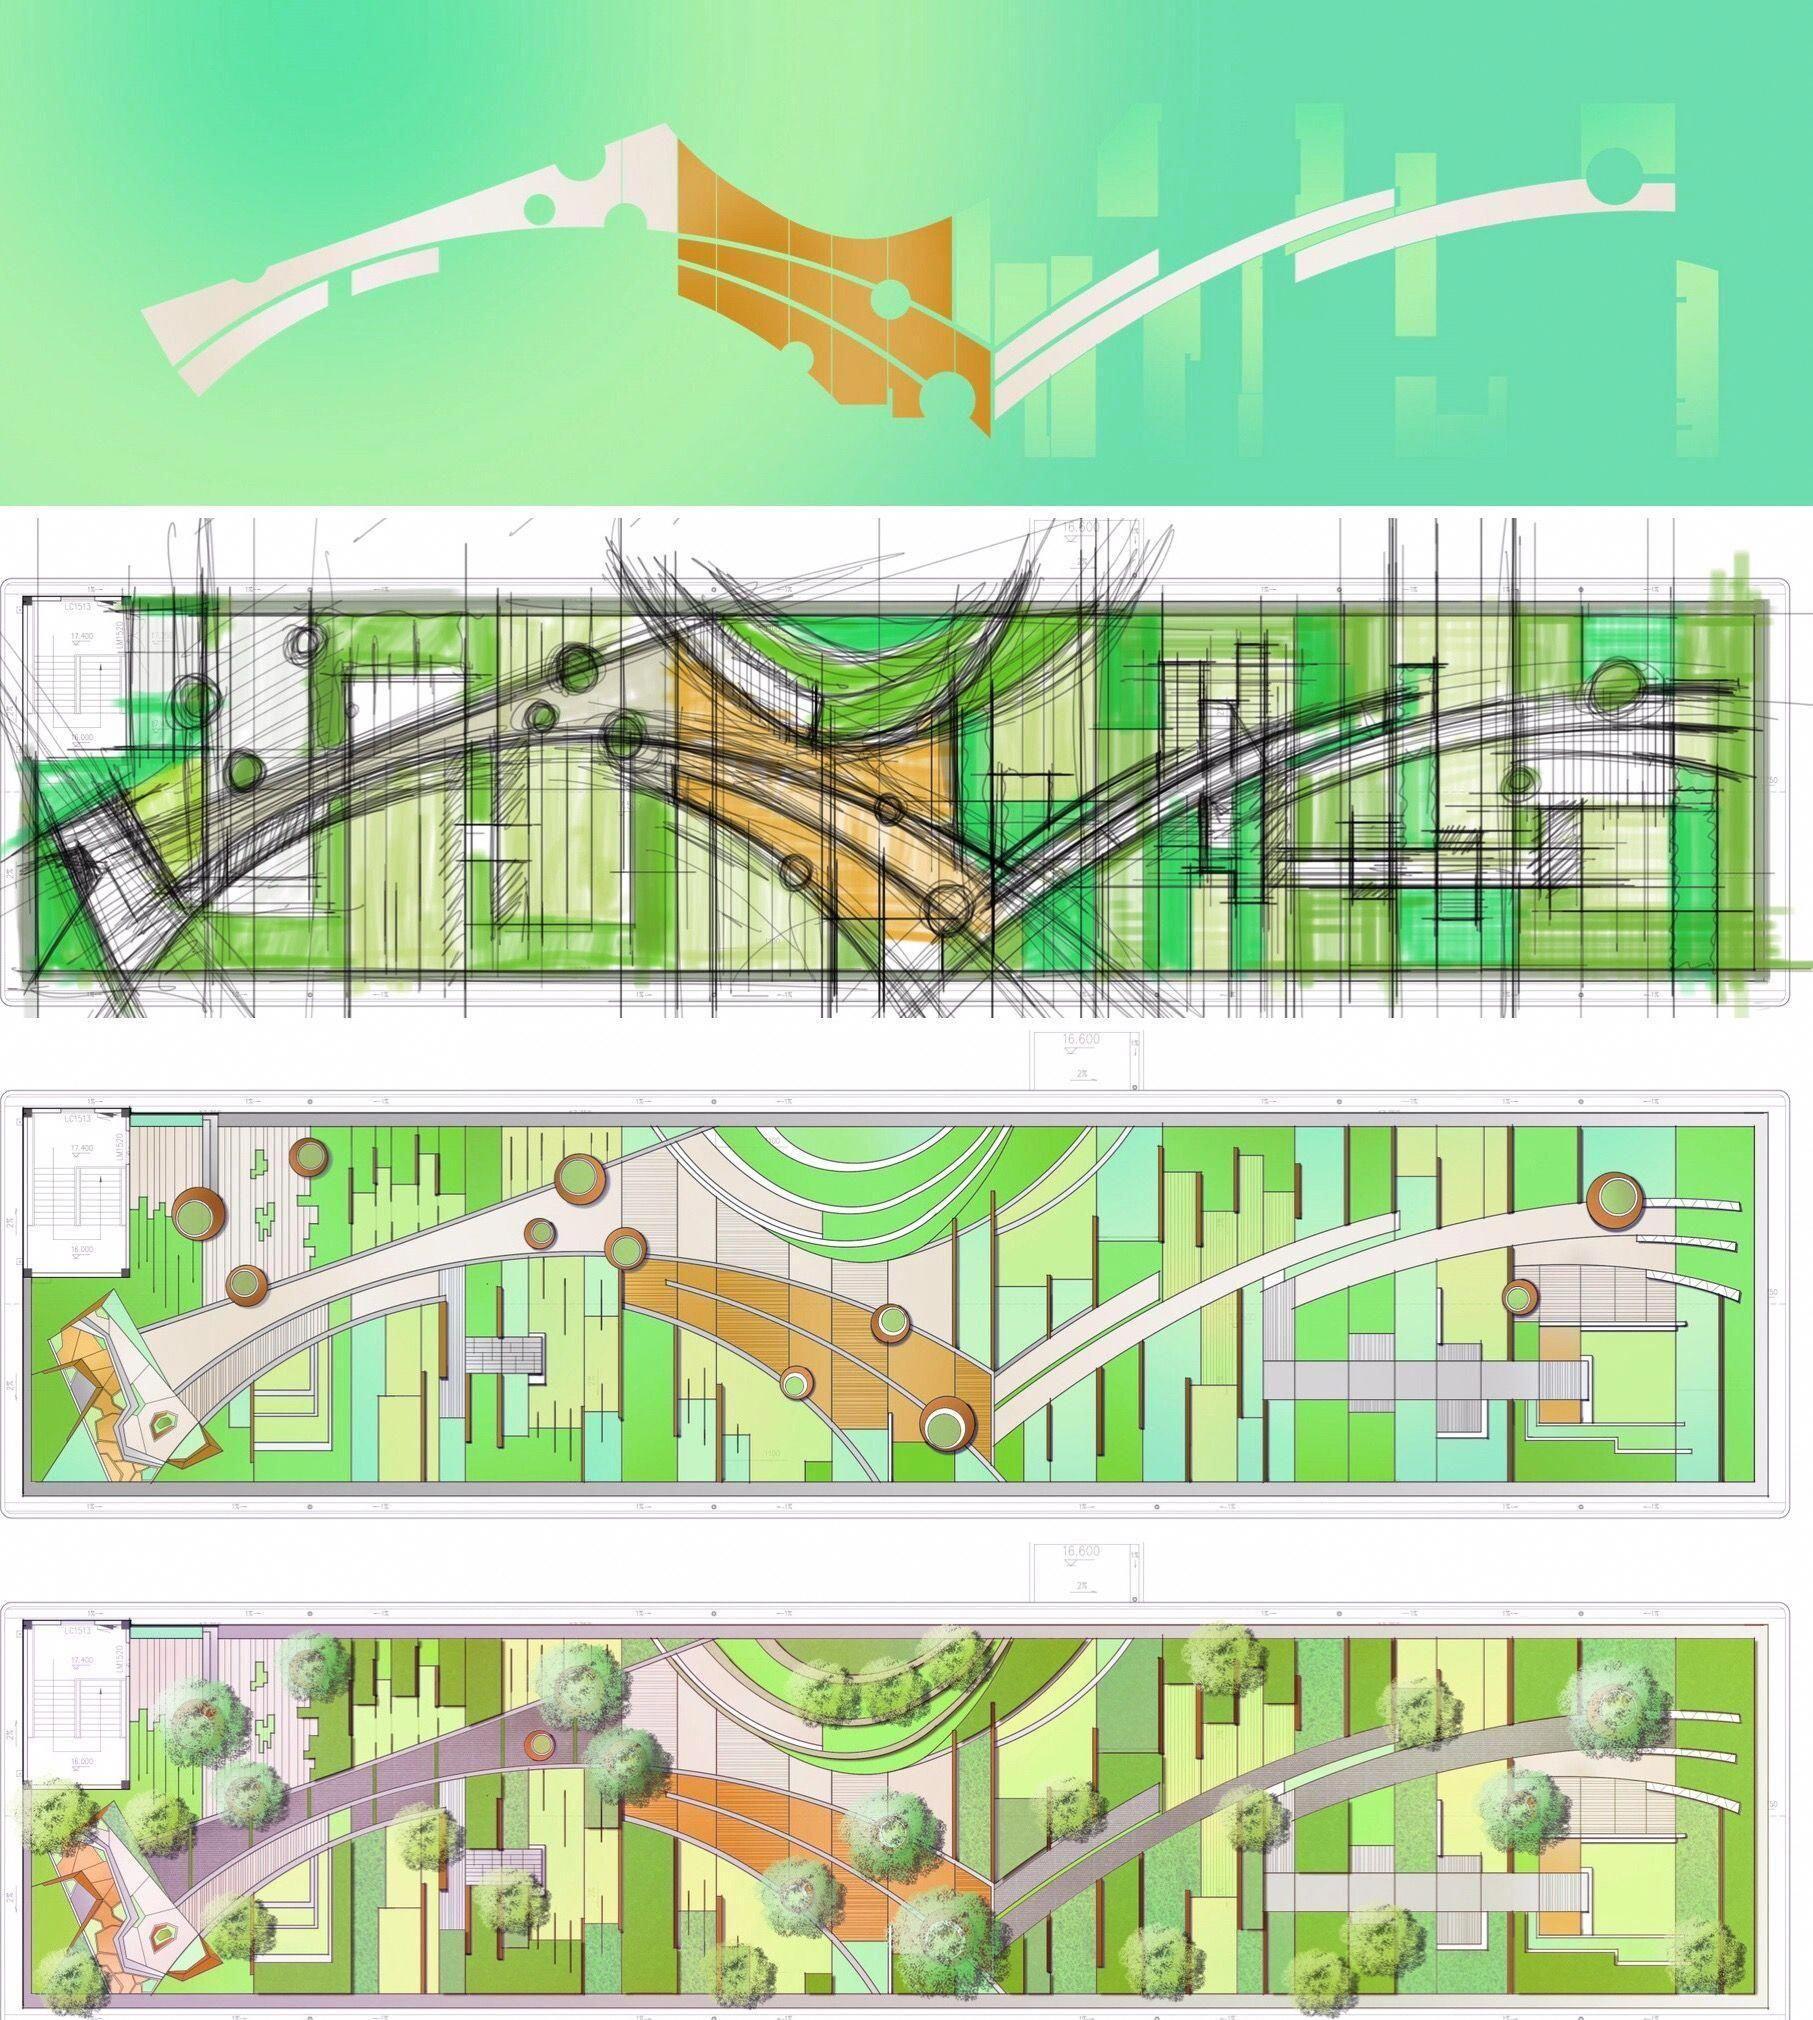 Landscape Gardening Gosport Landscape Gardening Design Software Free Landscapegardeningcourse Garden Planning Layout Landscape Design Plans Roof Garden Free backyard landscape design plans